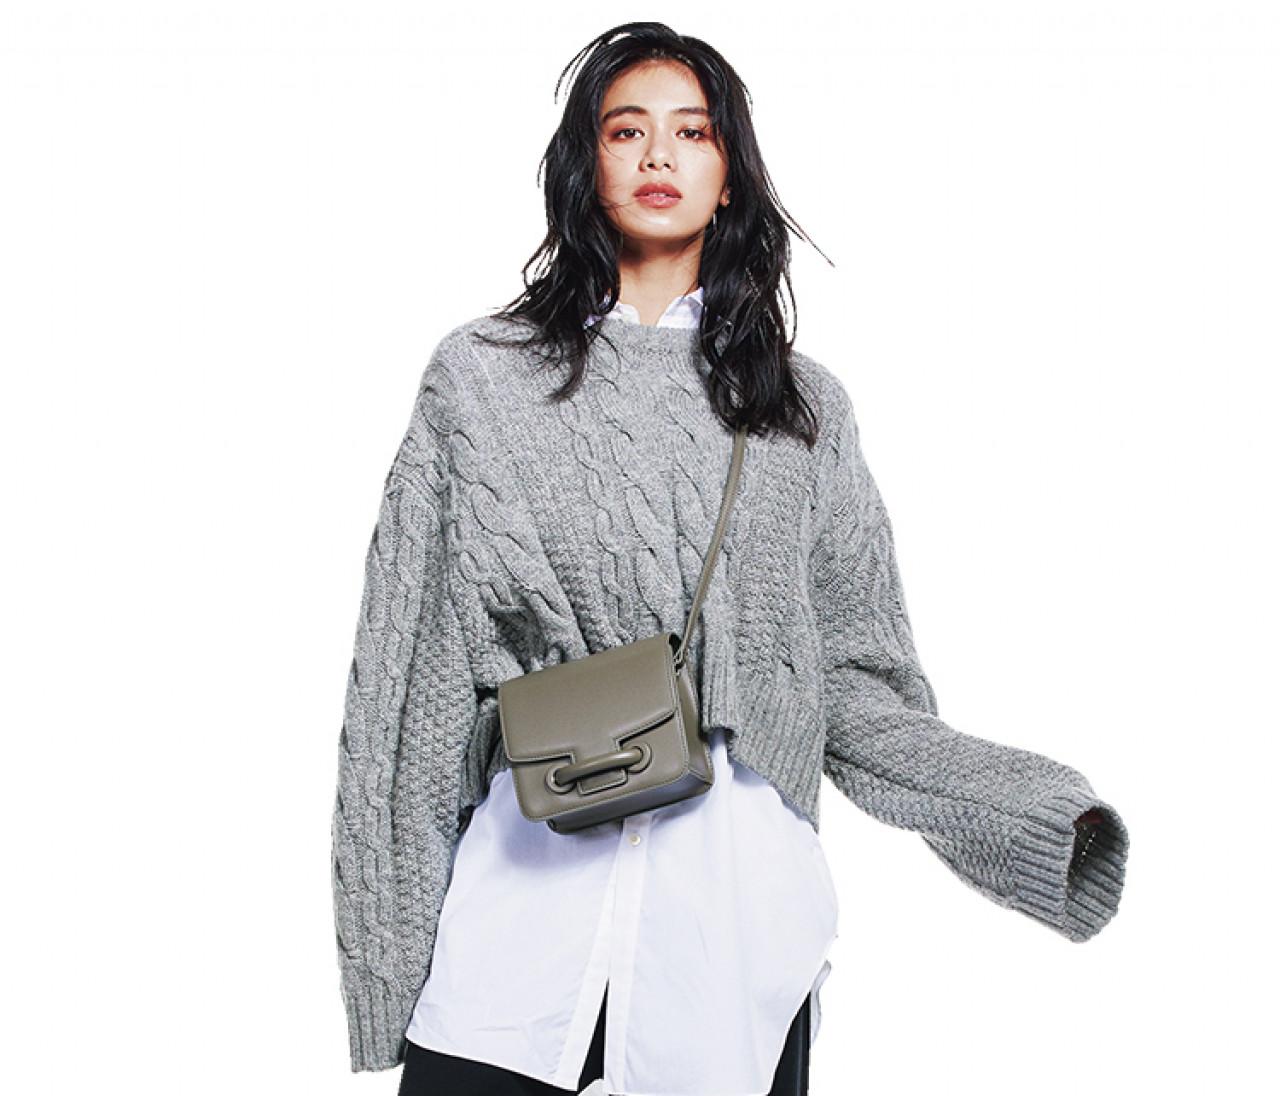 【大人ハイテクスニーカーコーデ4】白スニーカー×トレンドパンツ、冬はこう履く!